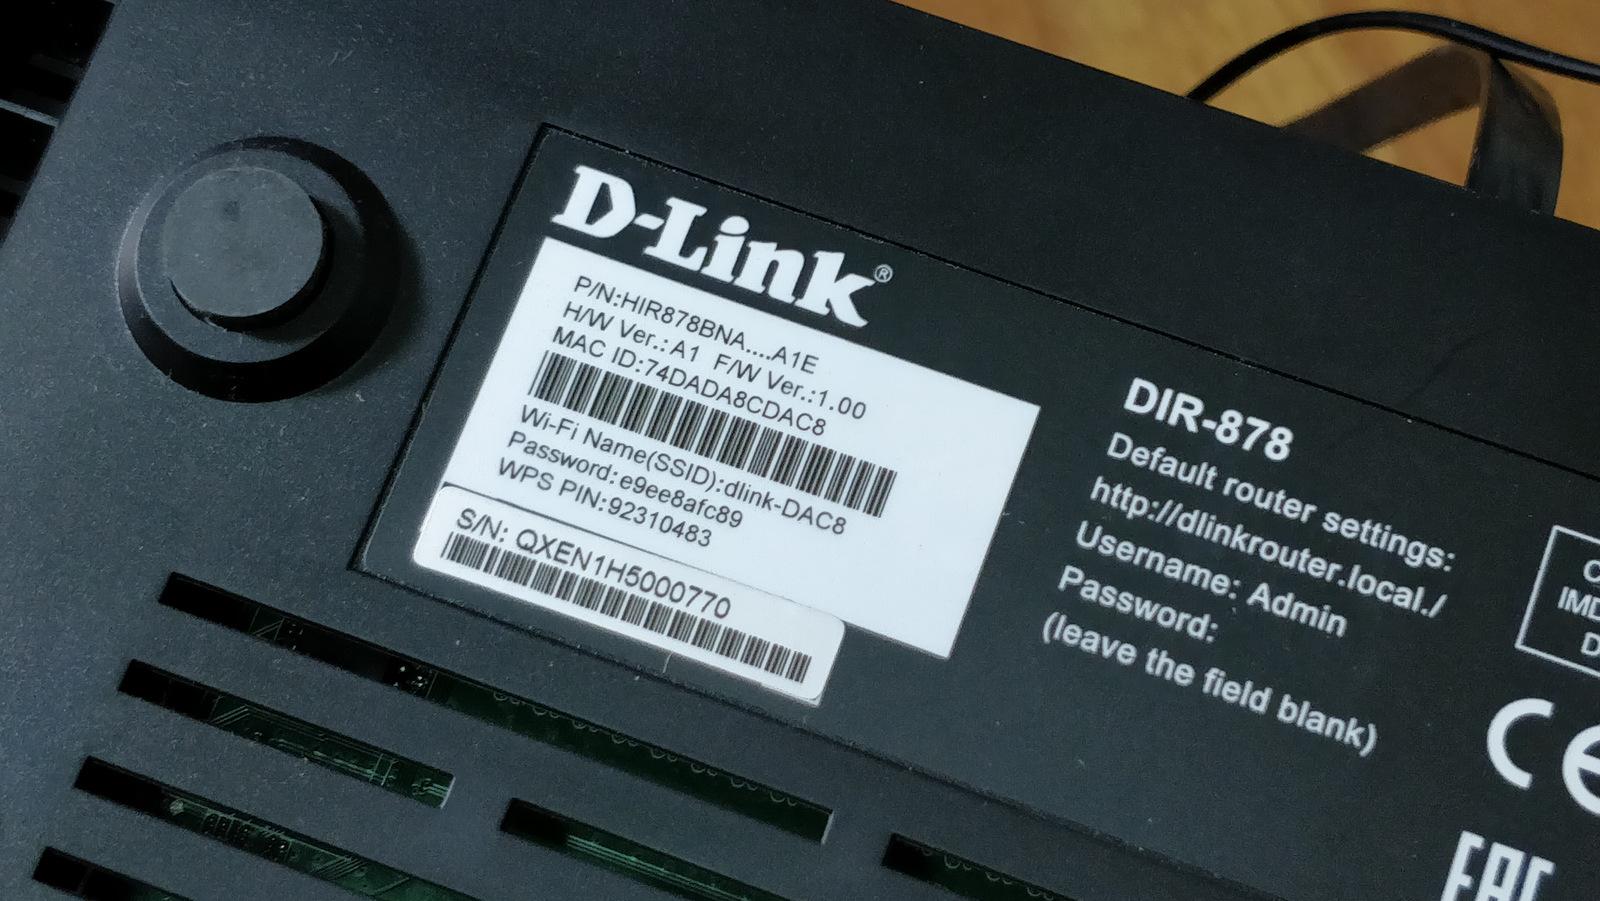 D-LINK-DIR878_10